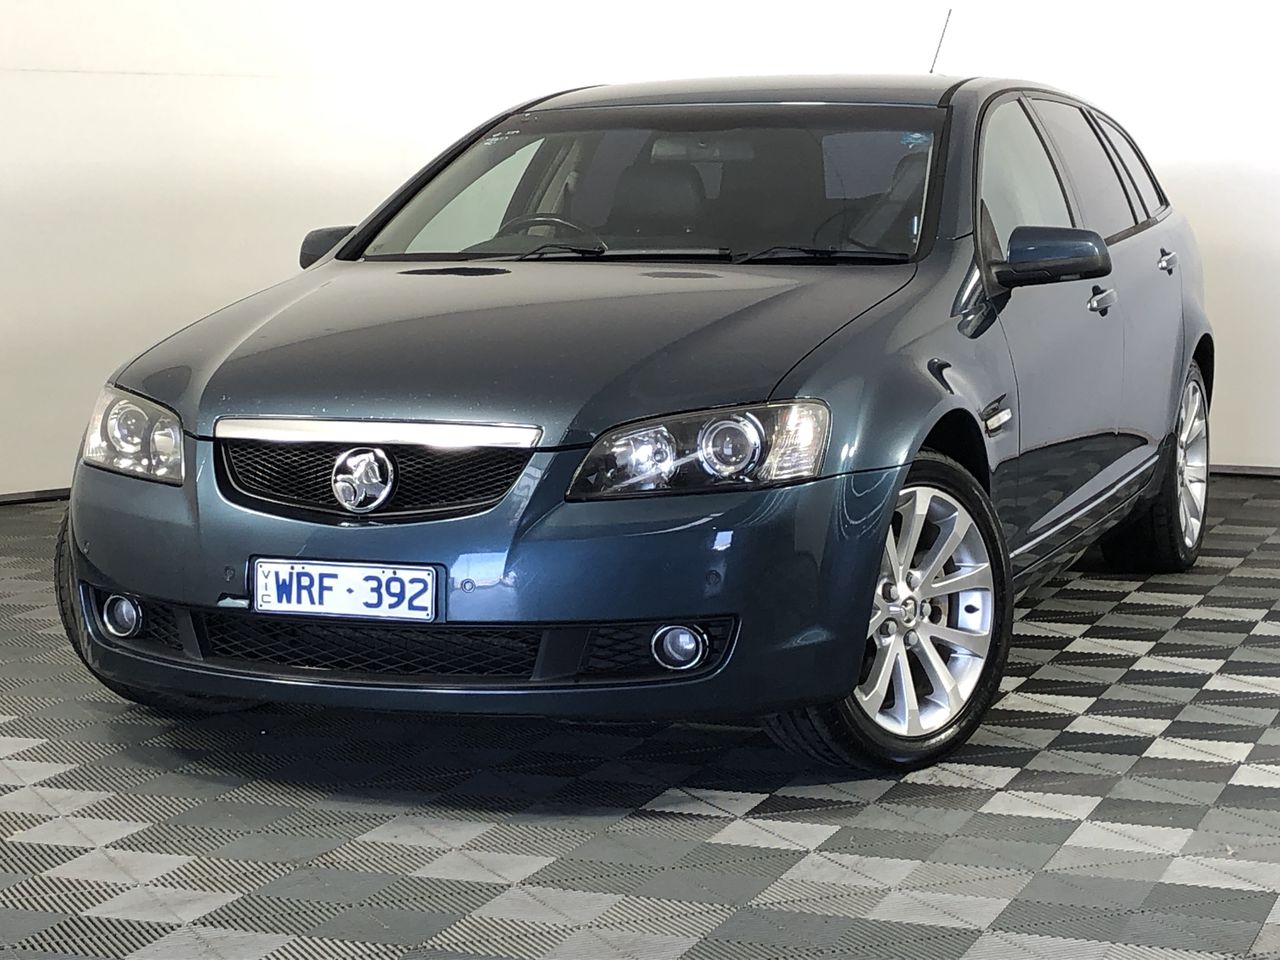 2008 Holden Sportwagon CALAIS V-SERIES VE Automatic Wagon